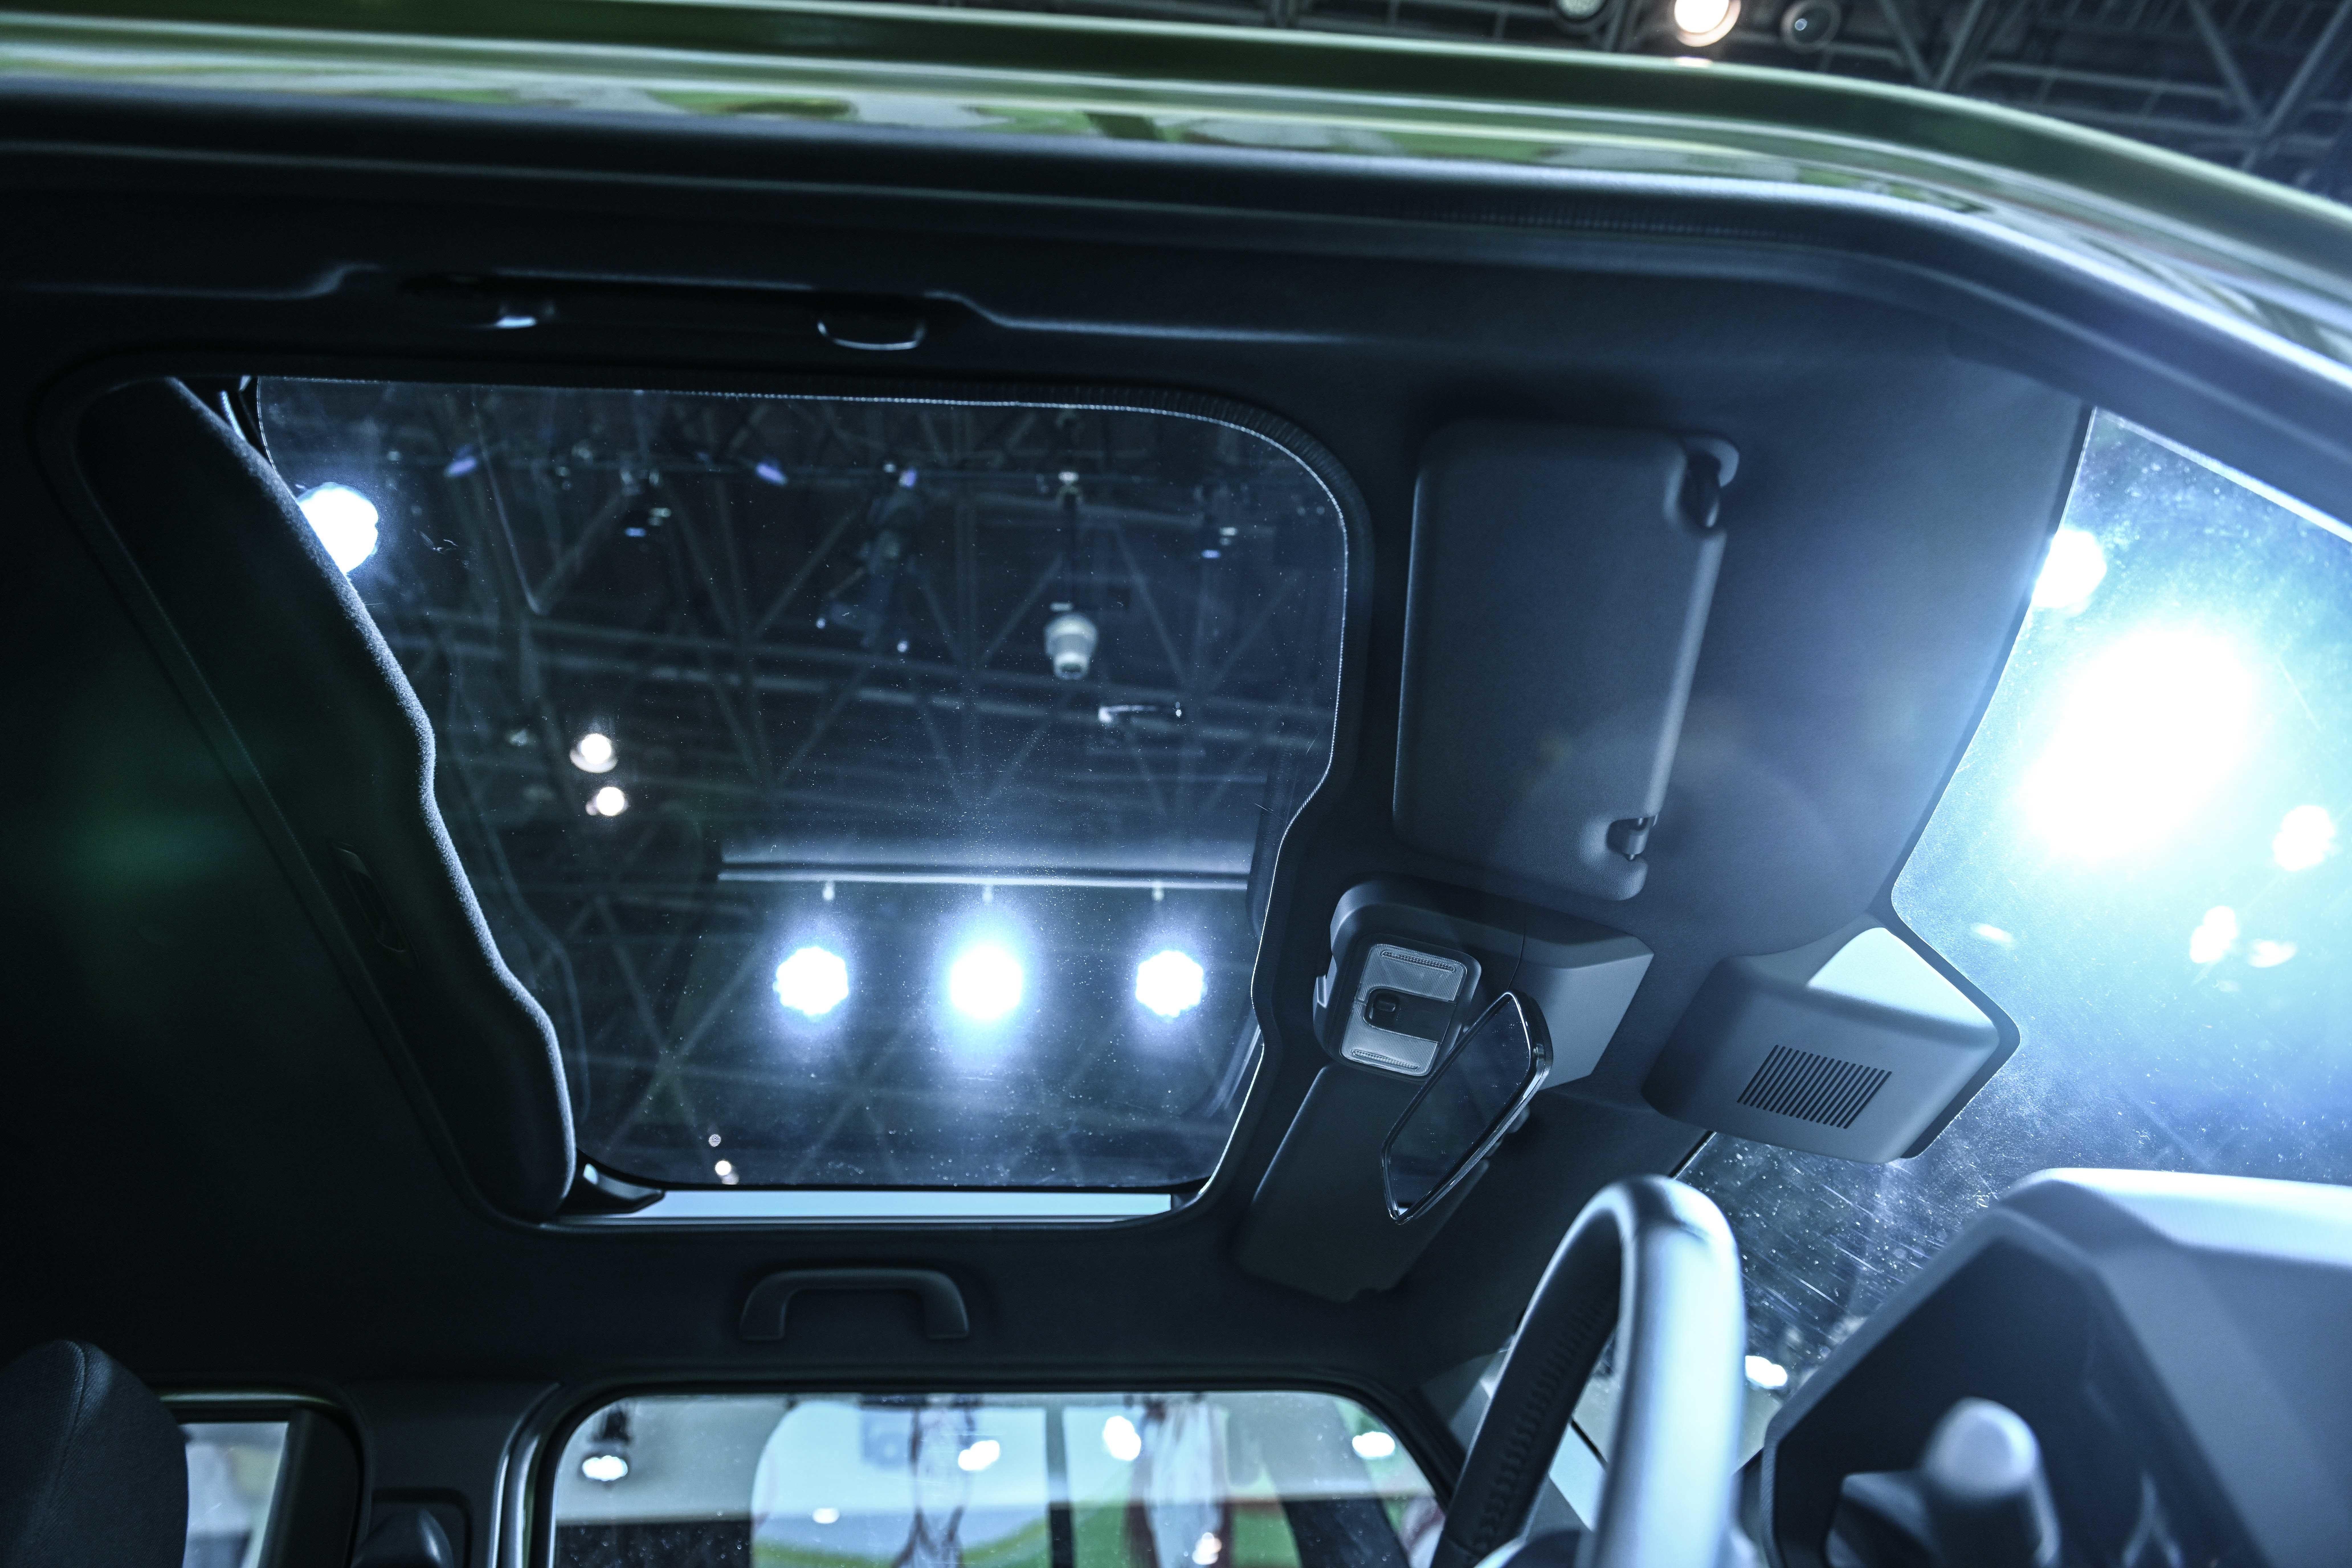 打倒ハスラー! ダイハツの新型軽自動車がカッコいい! 東京オートサロン2020リポート【第2弾:ダイハツ TAFTコンセプト編】